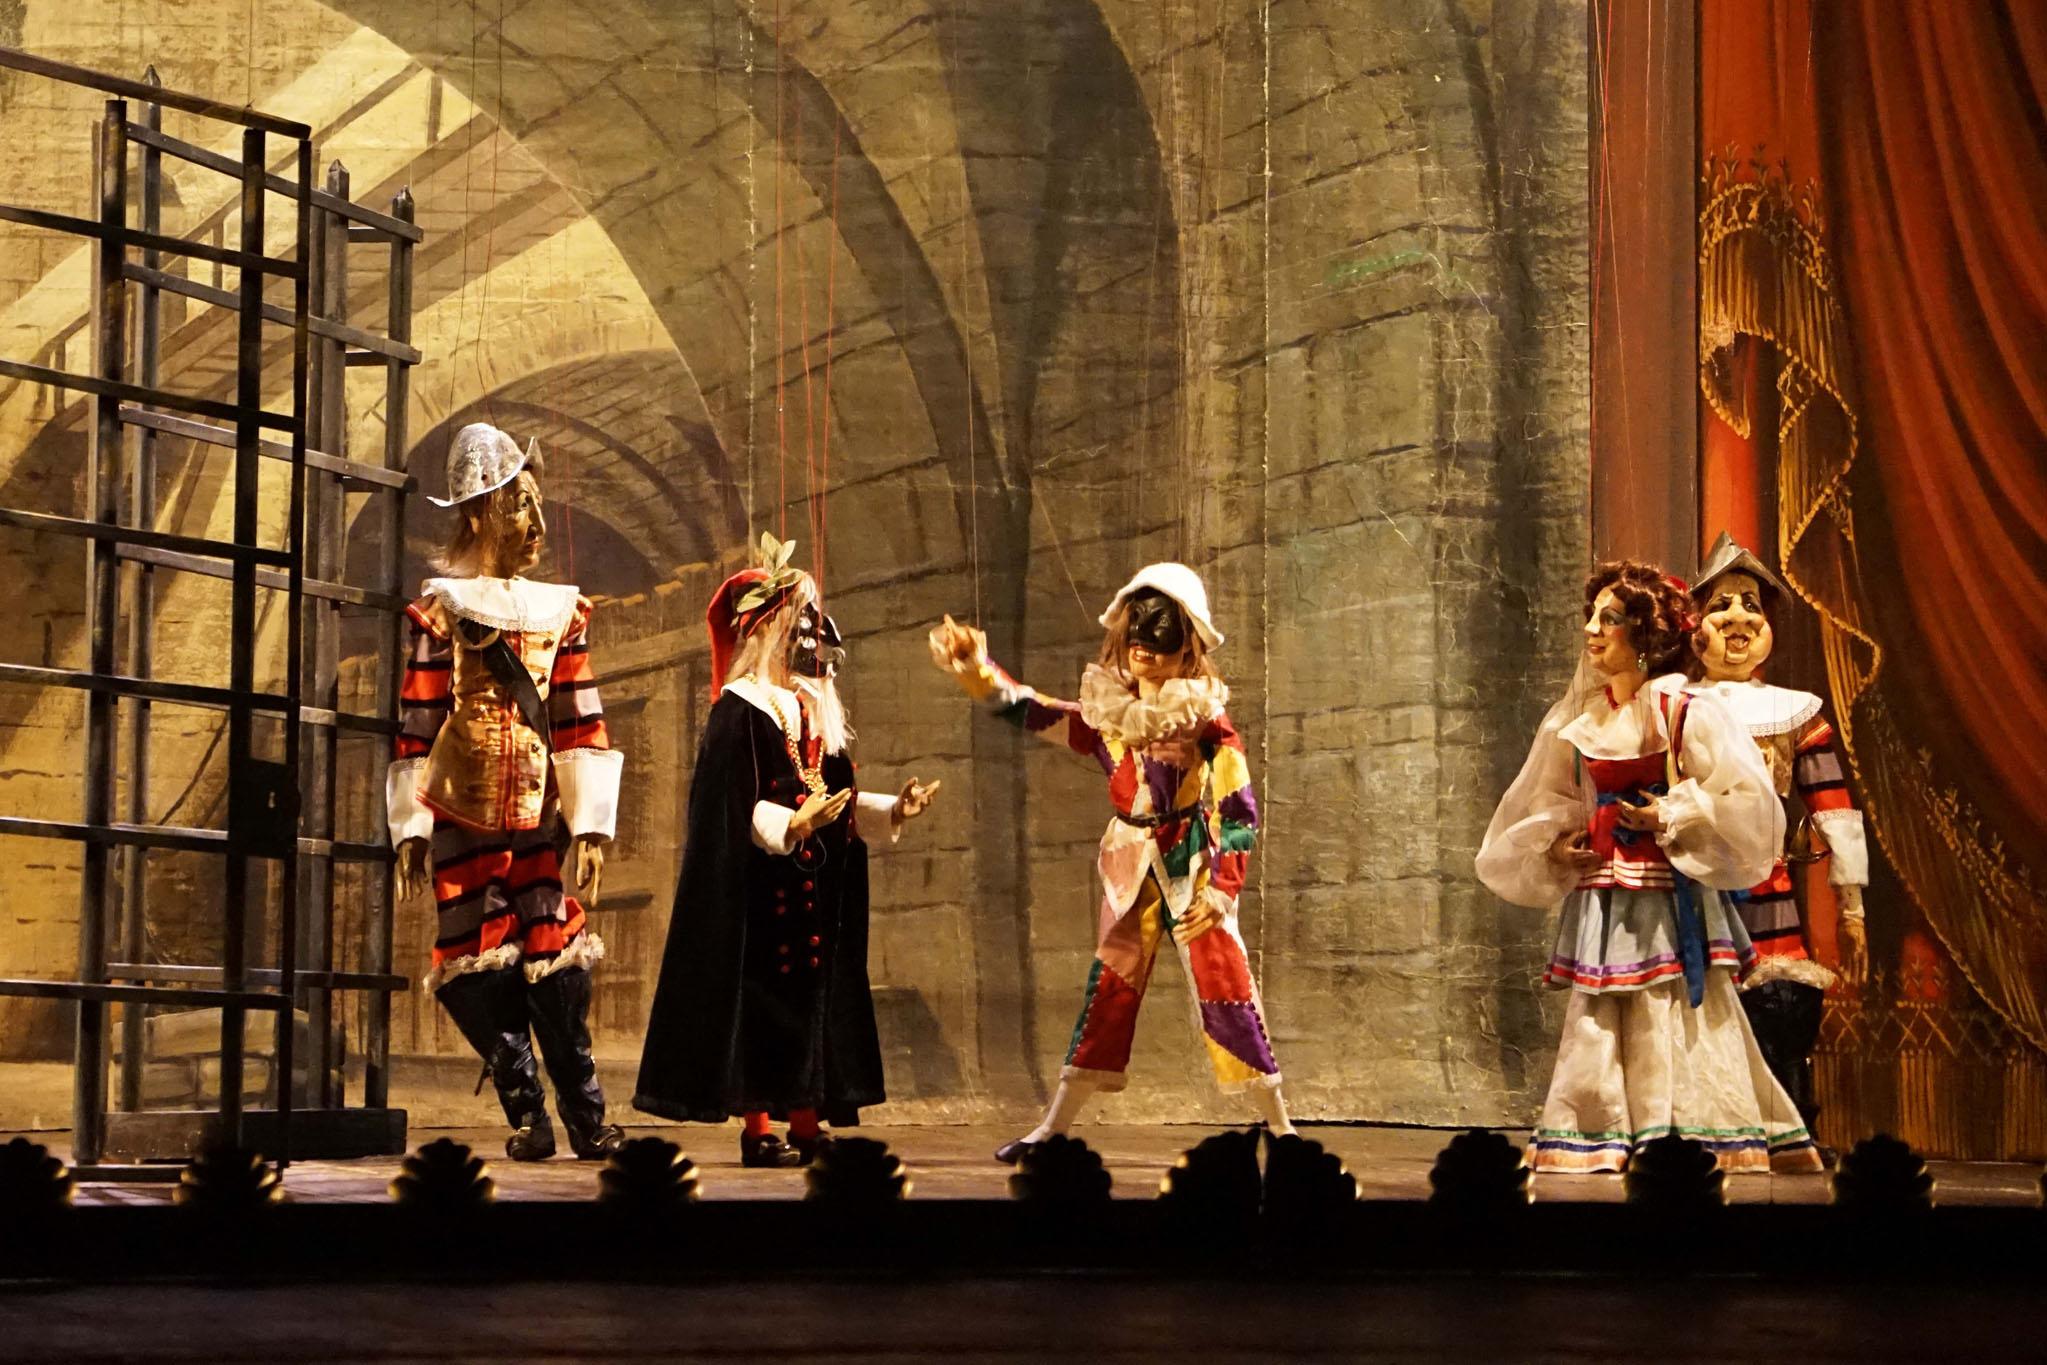 Filone (voce Giorgio Marcello), Girello (voce Giorgio Marcello), Pasquella (voce Alberto Allegrezza) - PHOTOCREDIT: IMAGINARIUM